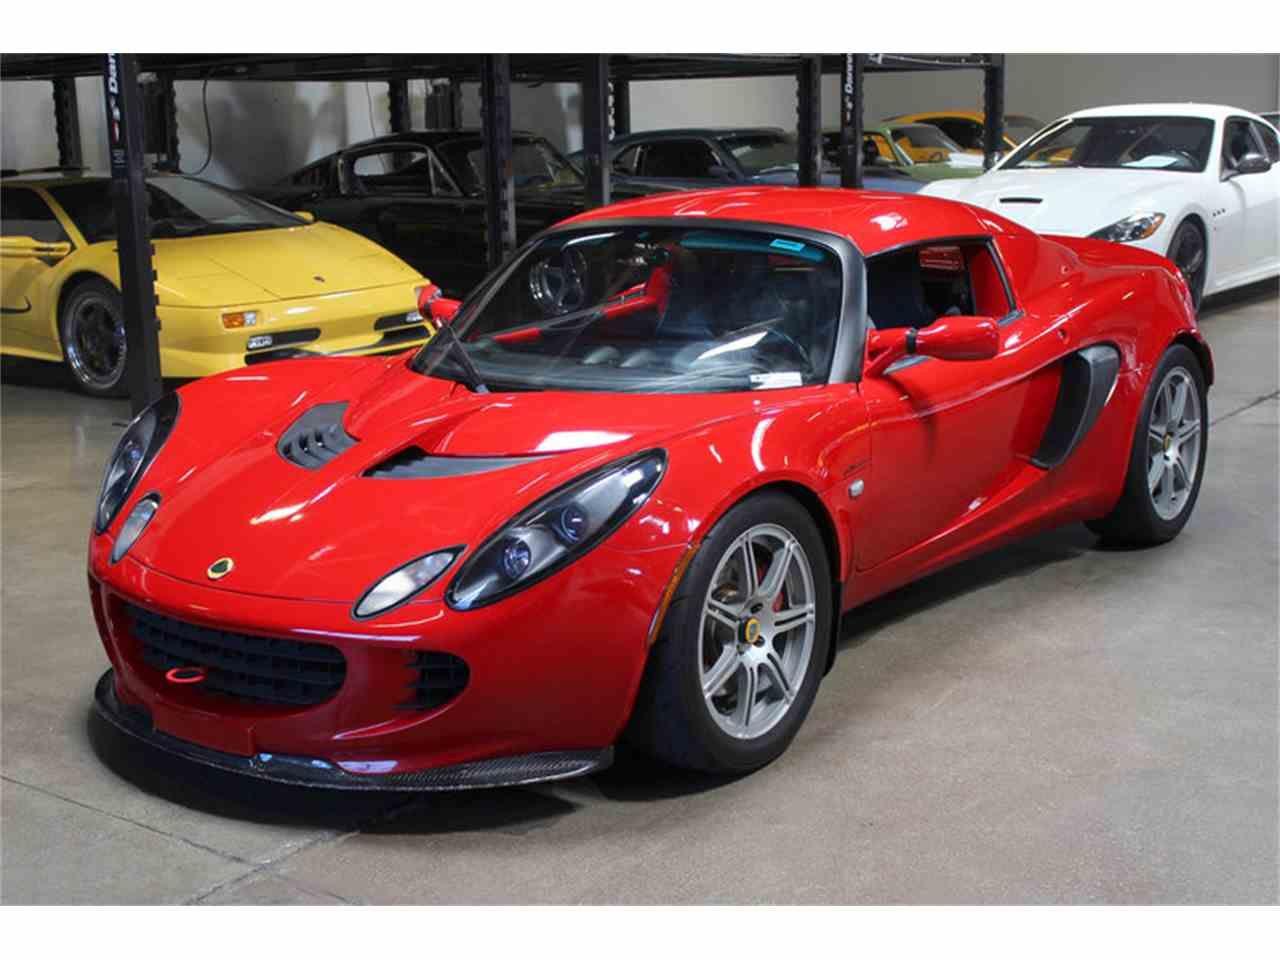 Jumbo Photo of '05 Elise Lotus elise, Lotus car, 2005